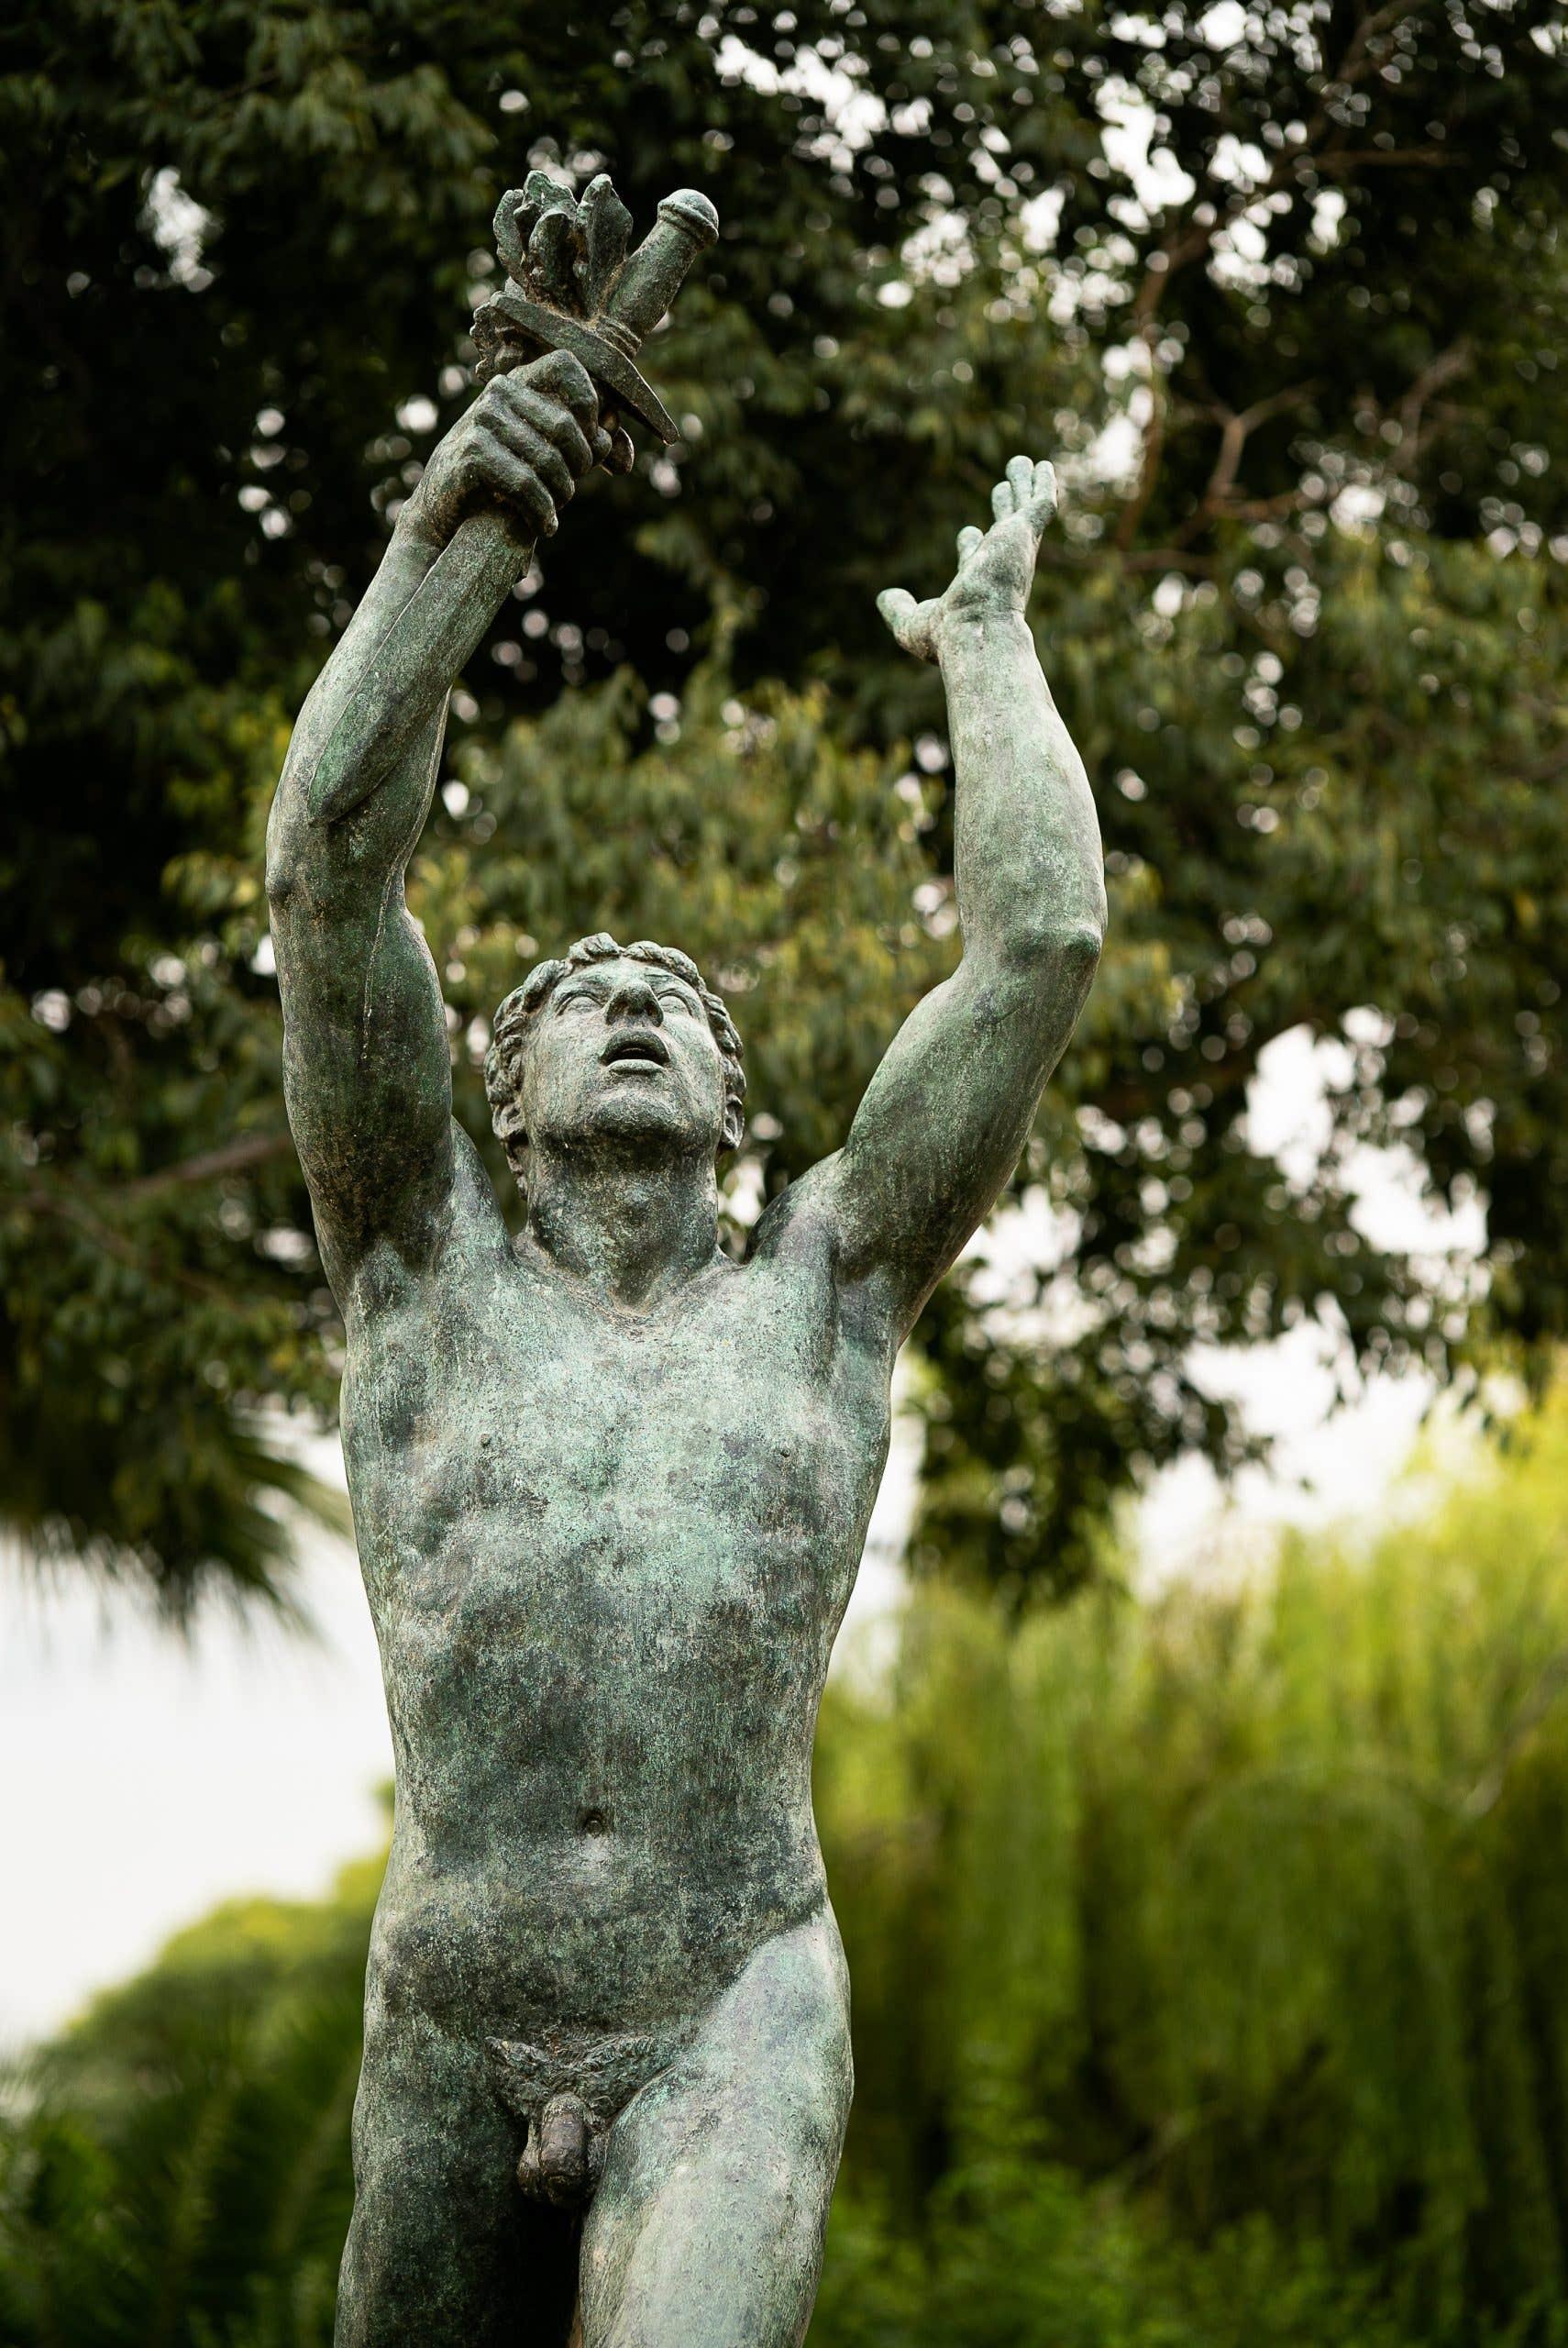 Prueba de nitidez, bokeh y aberraciones cromáticas - Estatua en el parque de la ciutadella